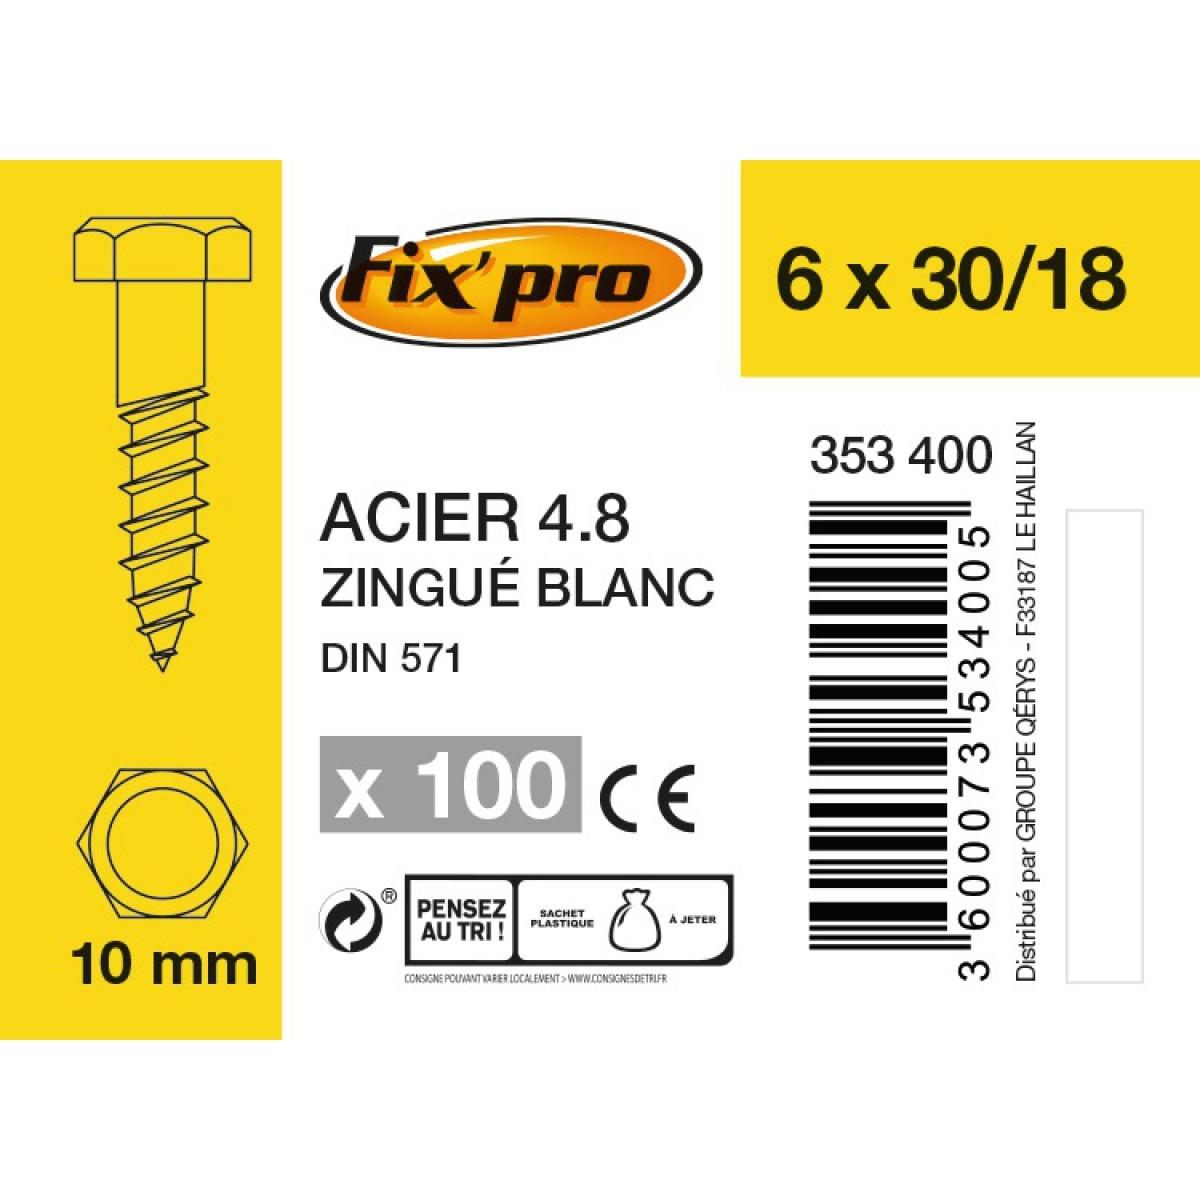 Tirefond tête hexagonale acier zingué - 6x30/18 - 100pces - Fixpro